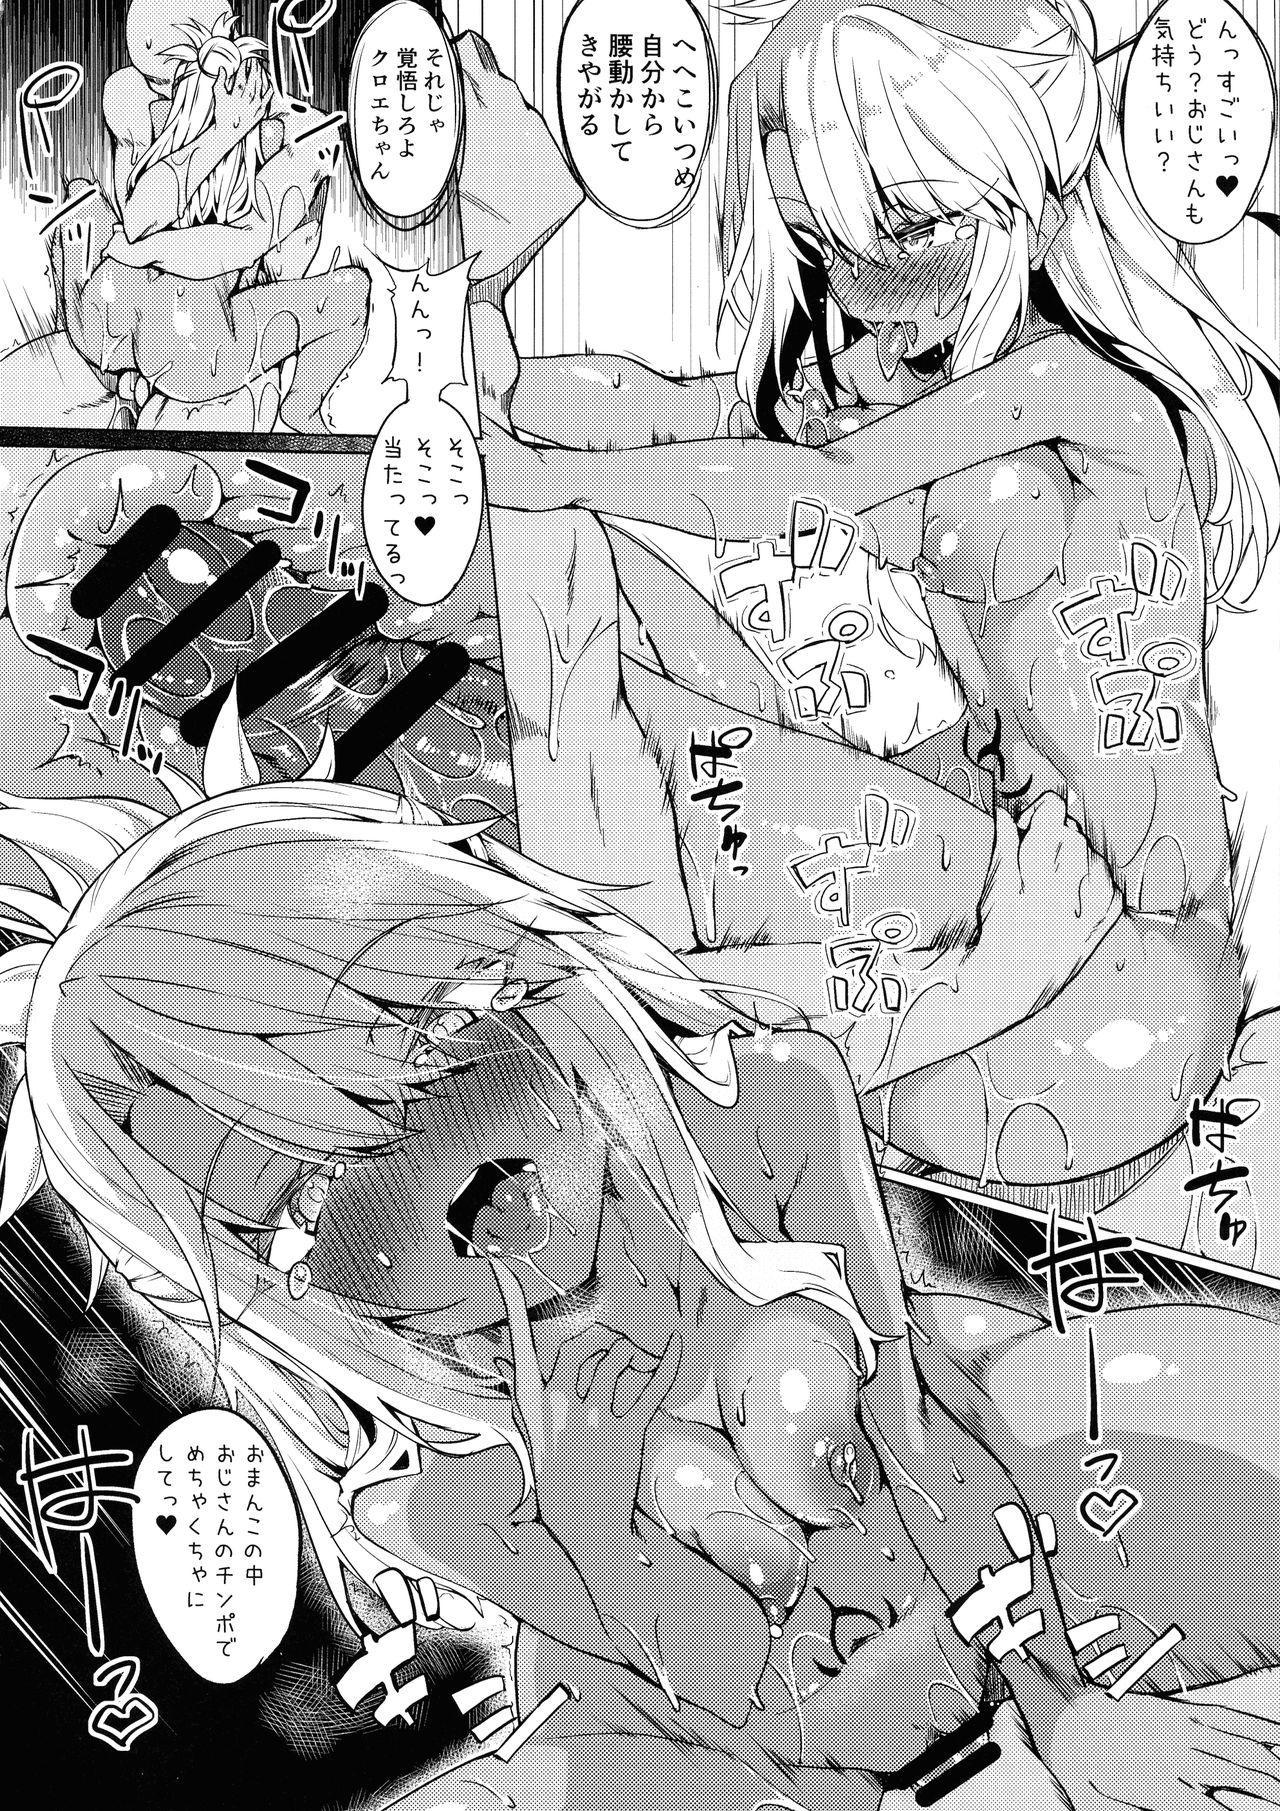 Binkan Seihai Illya-chan 11